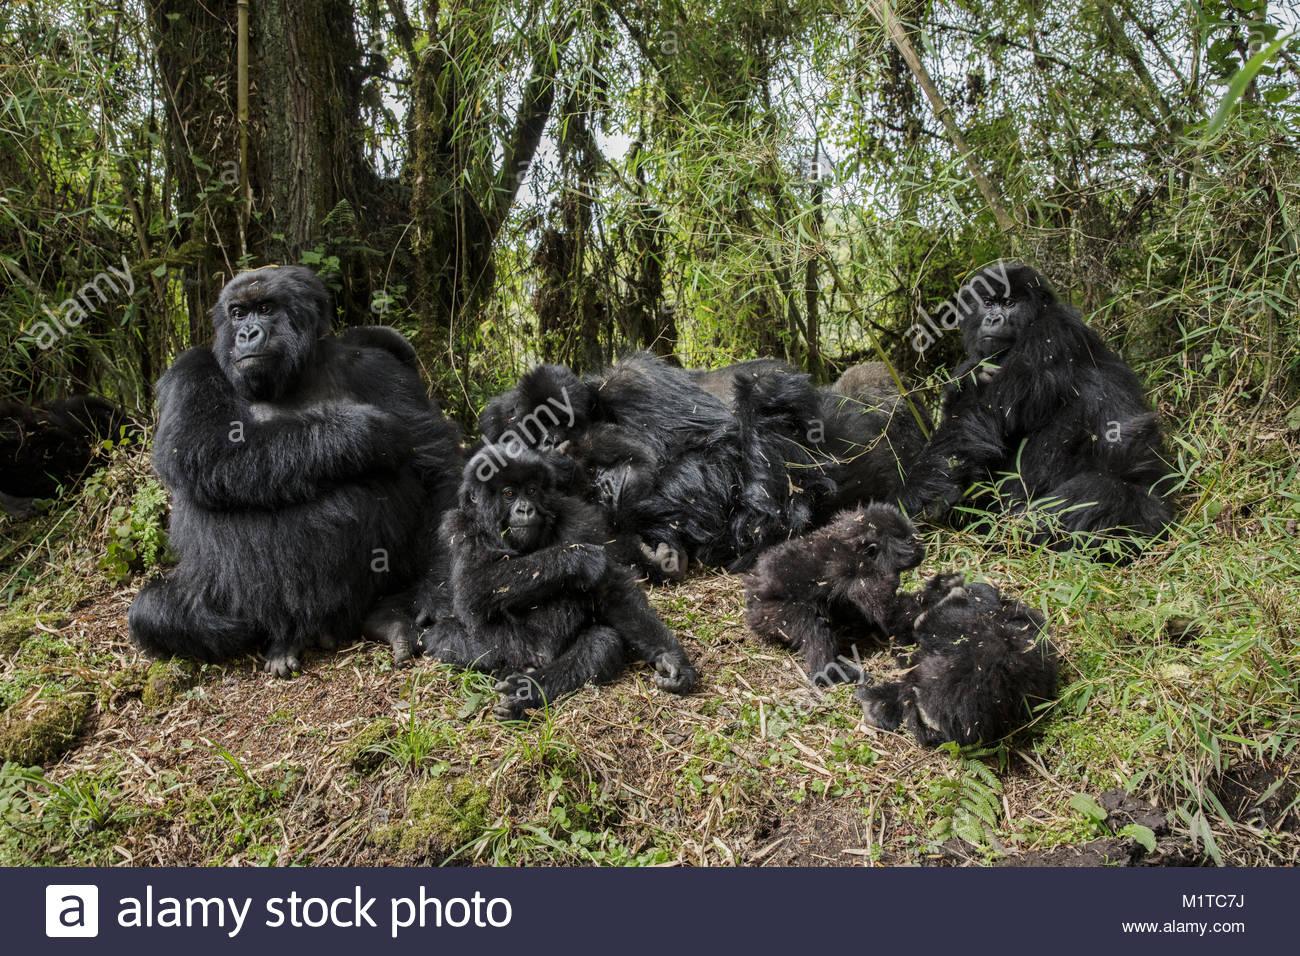 Rwanda. - Stock Image